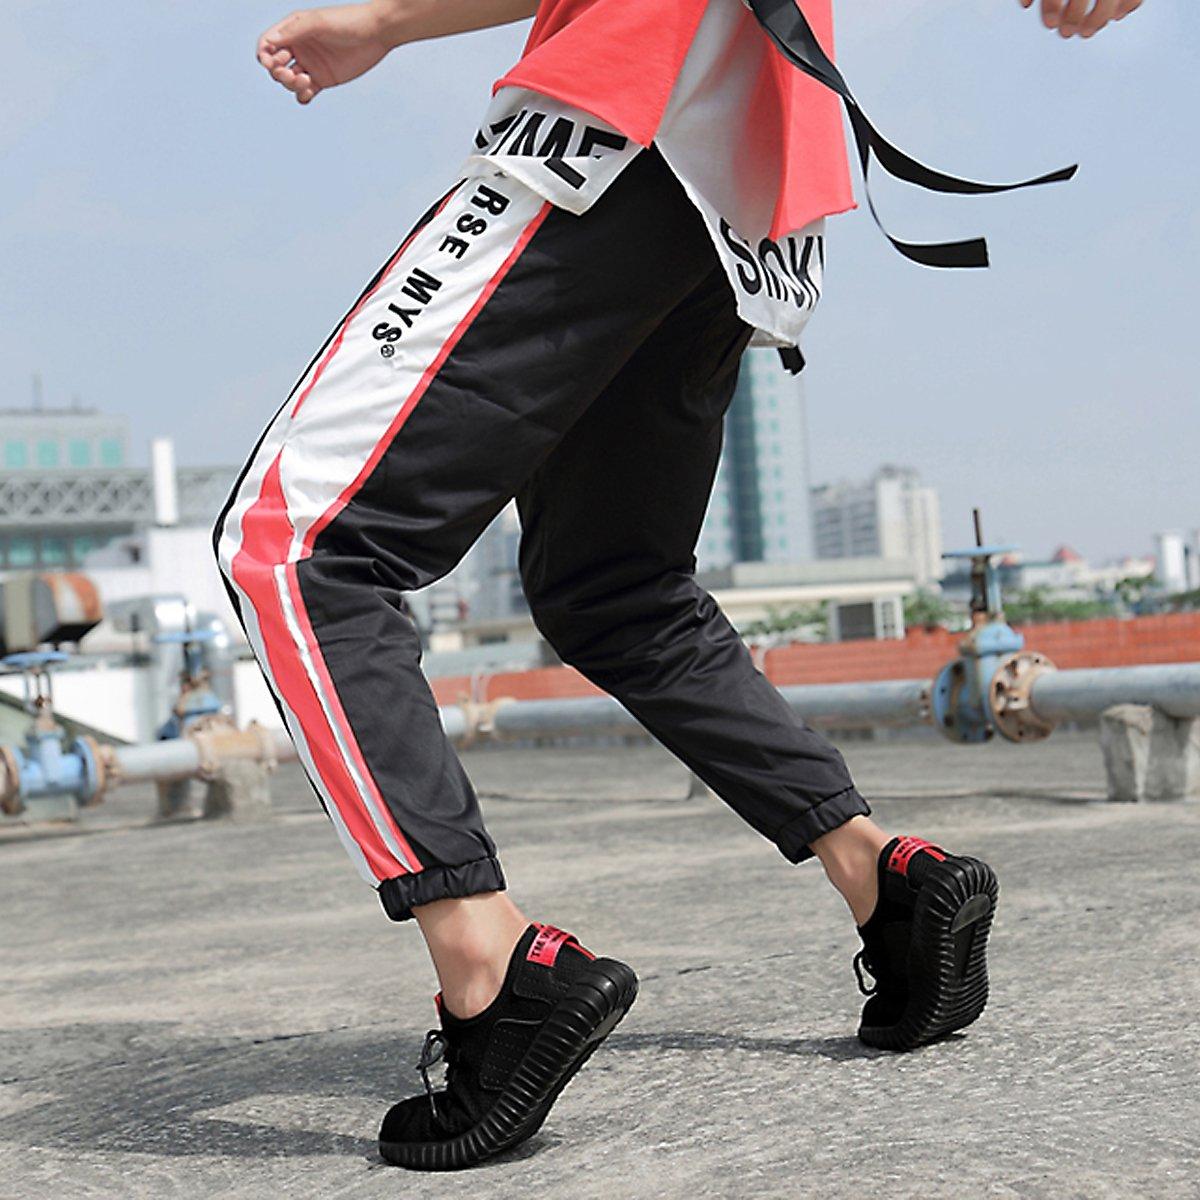 CHNHIRA Arbeitsschuhe Herren Stahlkappe Sicherheitsschuhe Leicht Sportlich und Atmungsaktiv Schutzschuhe Turnschuhe Damen Unisex